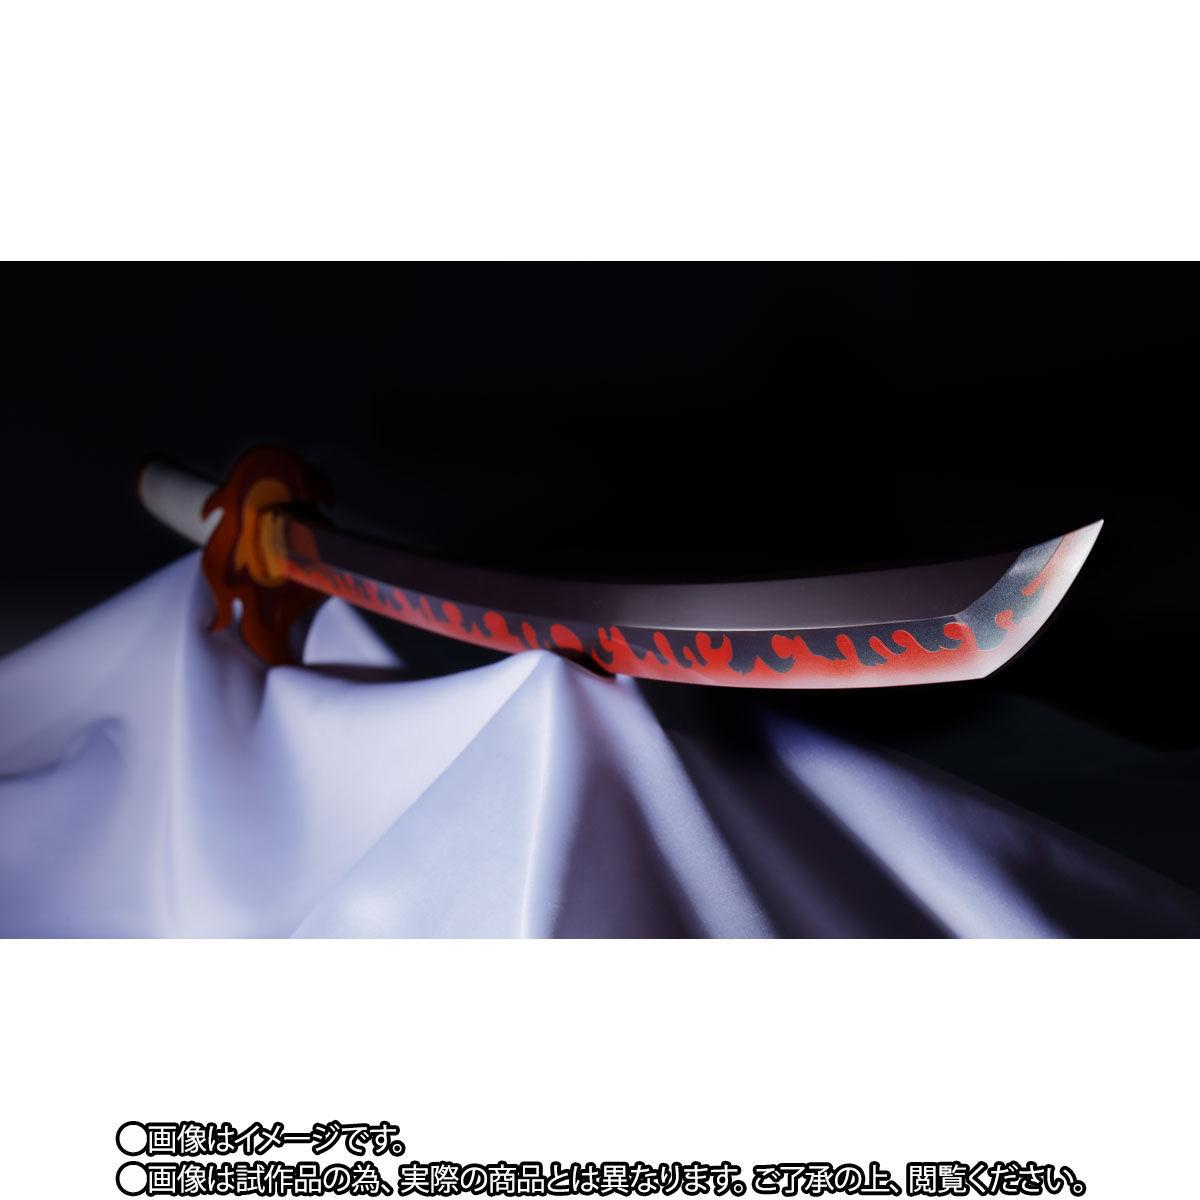 【限定販売】PROPLICA プロップリカ『日輪刀(煉獄杏寿郎)』鬼滅の刃 変身なりきり-006